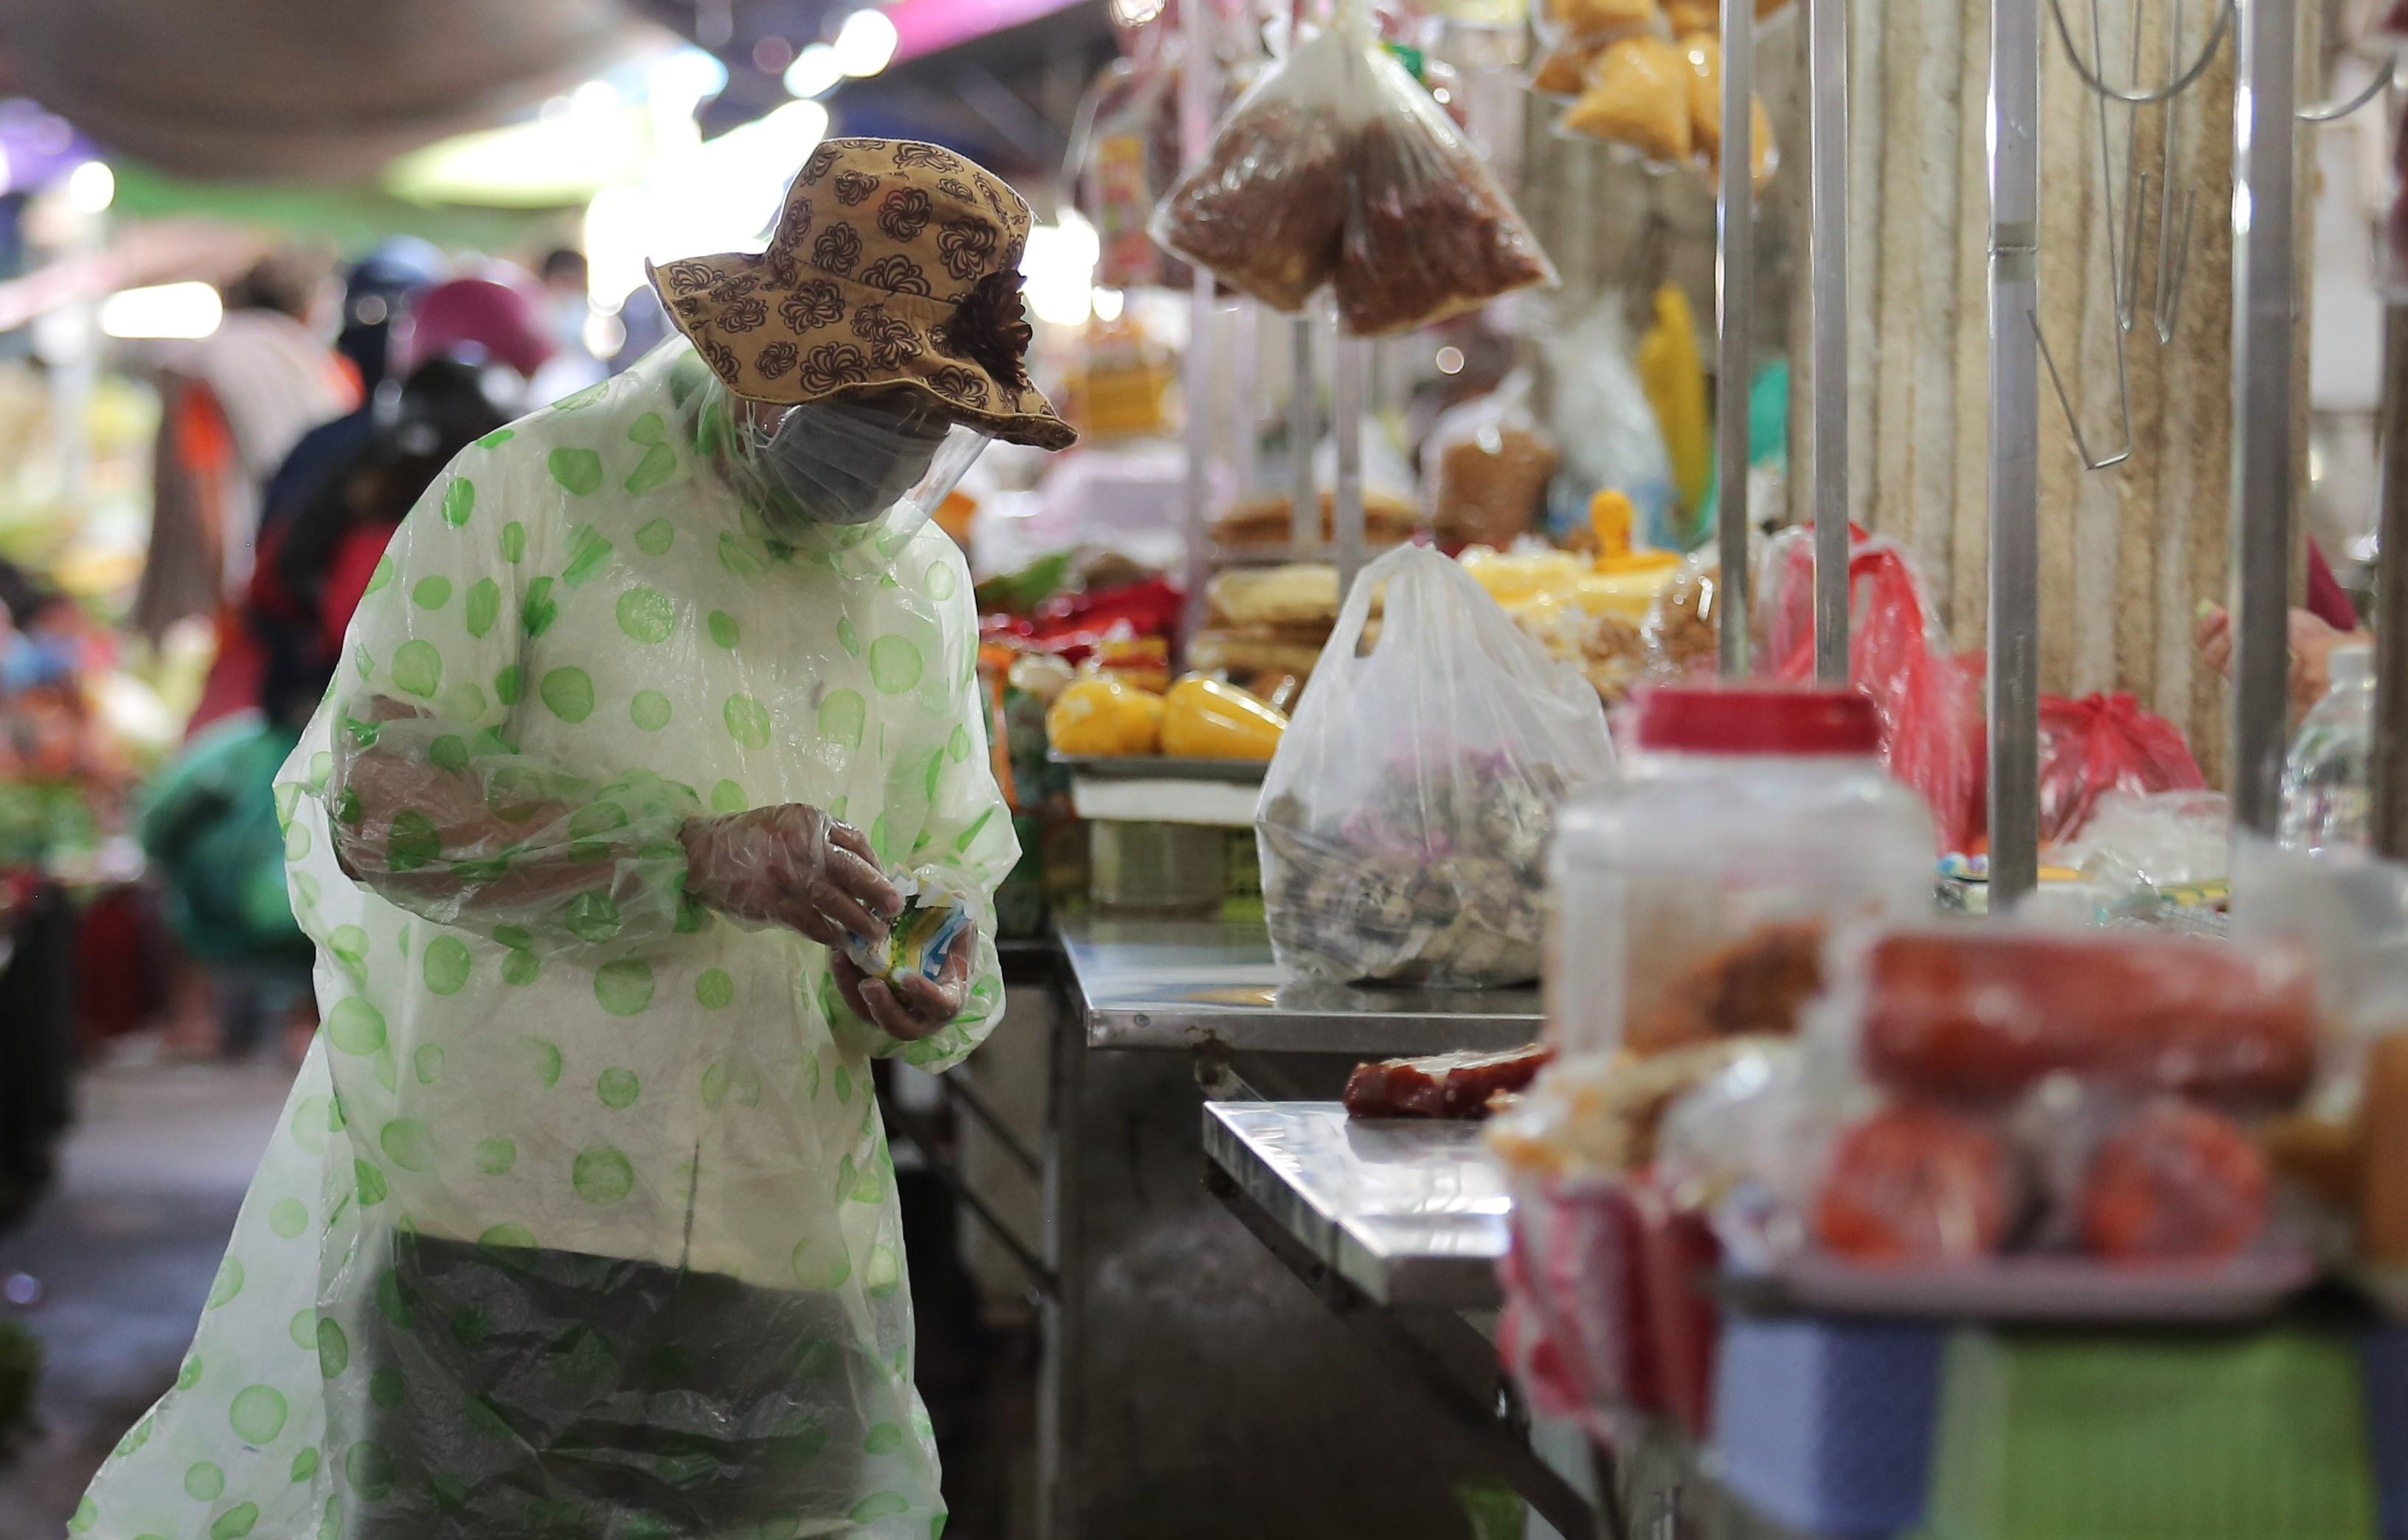 ẢNH: Người dân mặc áo mưa, trùm kín khi đi chợ giữa nắng 37 độ C để phòng dịch Covid-19 - Ảnh 5.